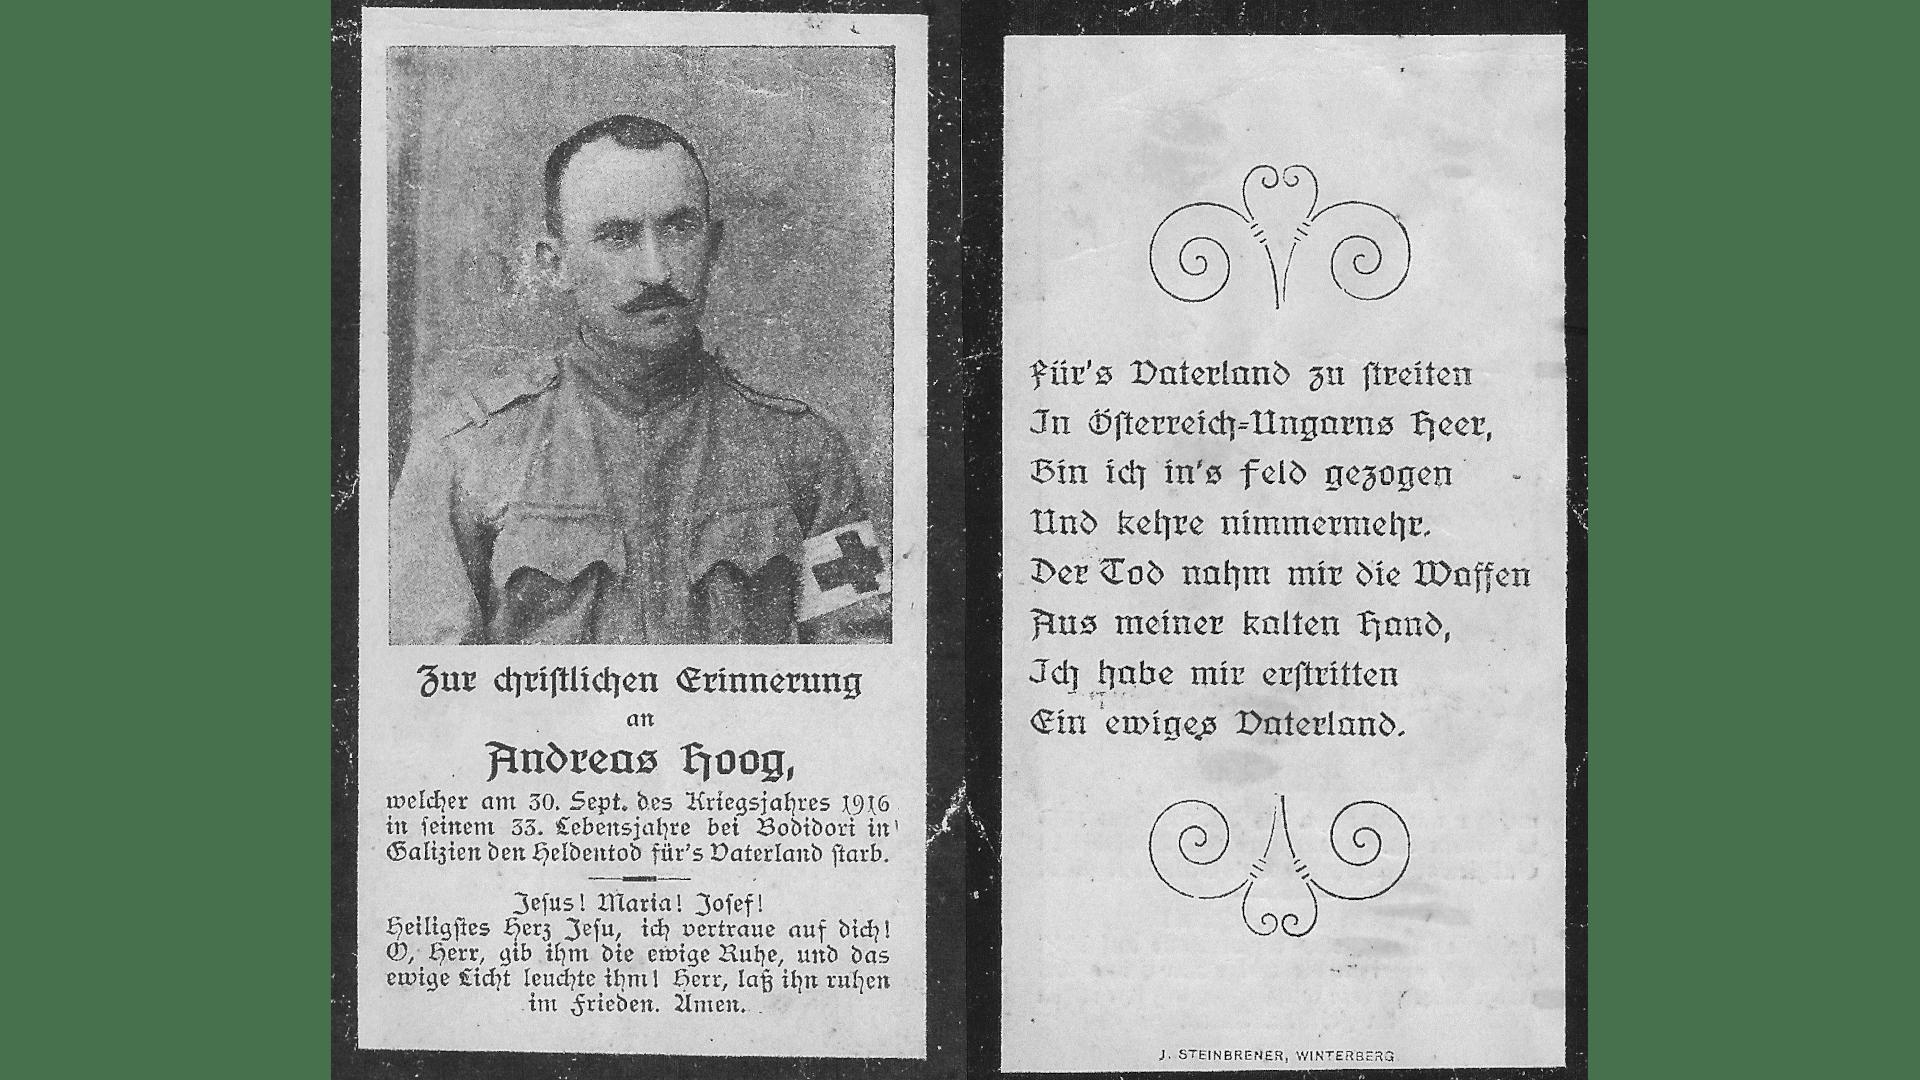 Beispiel eines Christlichen Andenkens an einen Gefallenen des Ersten Weltkrieges. Foto: Archiv Freundeskreis Filipowa